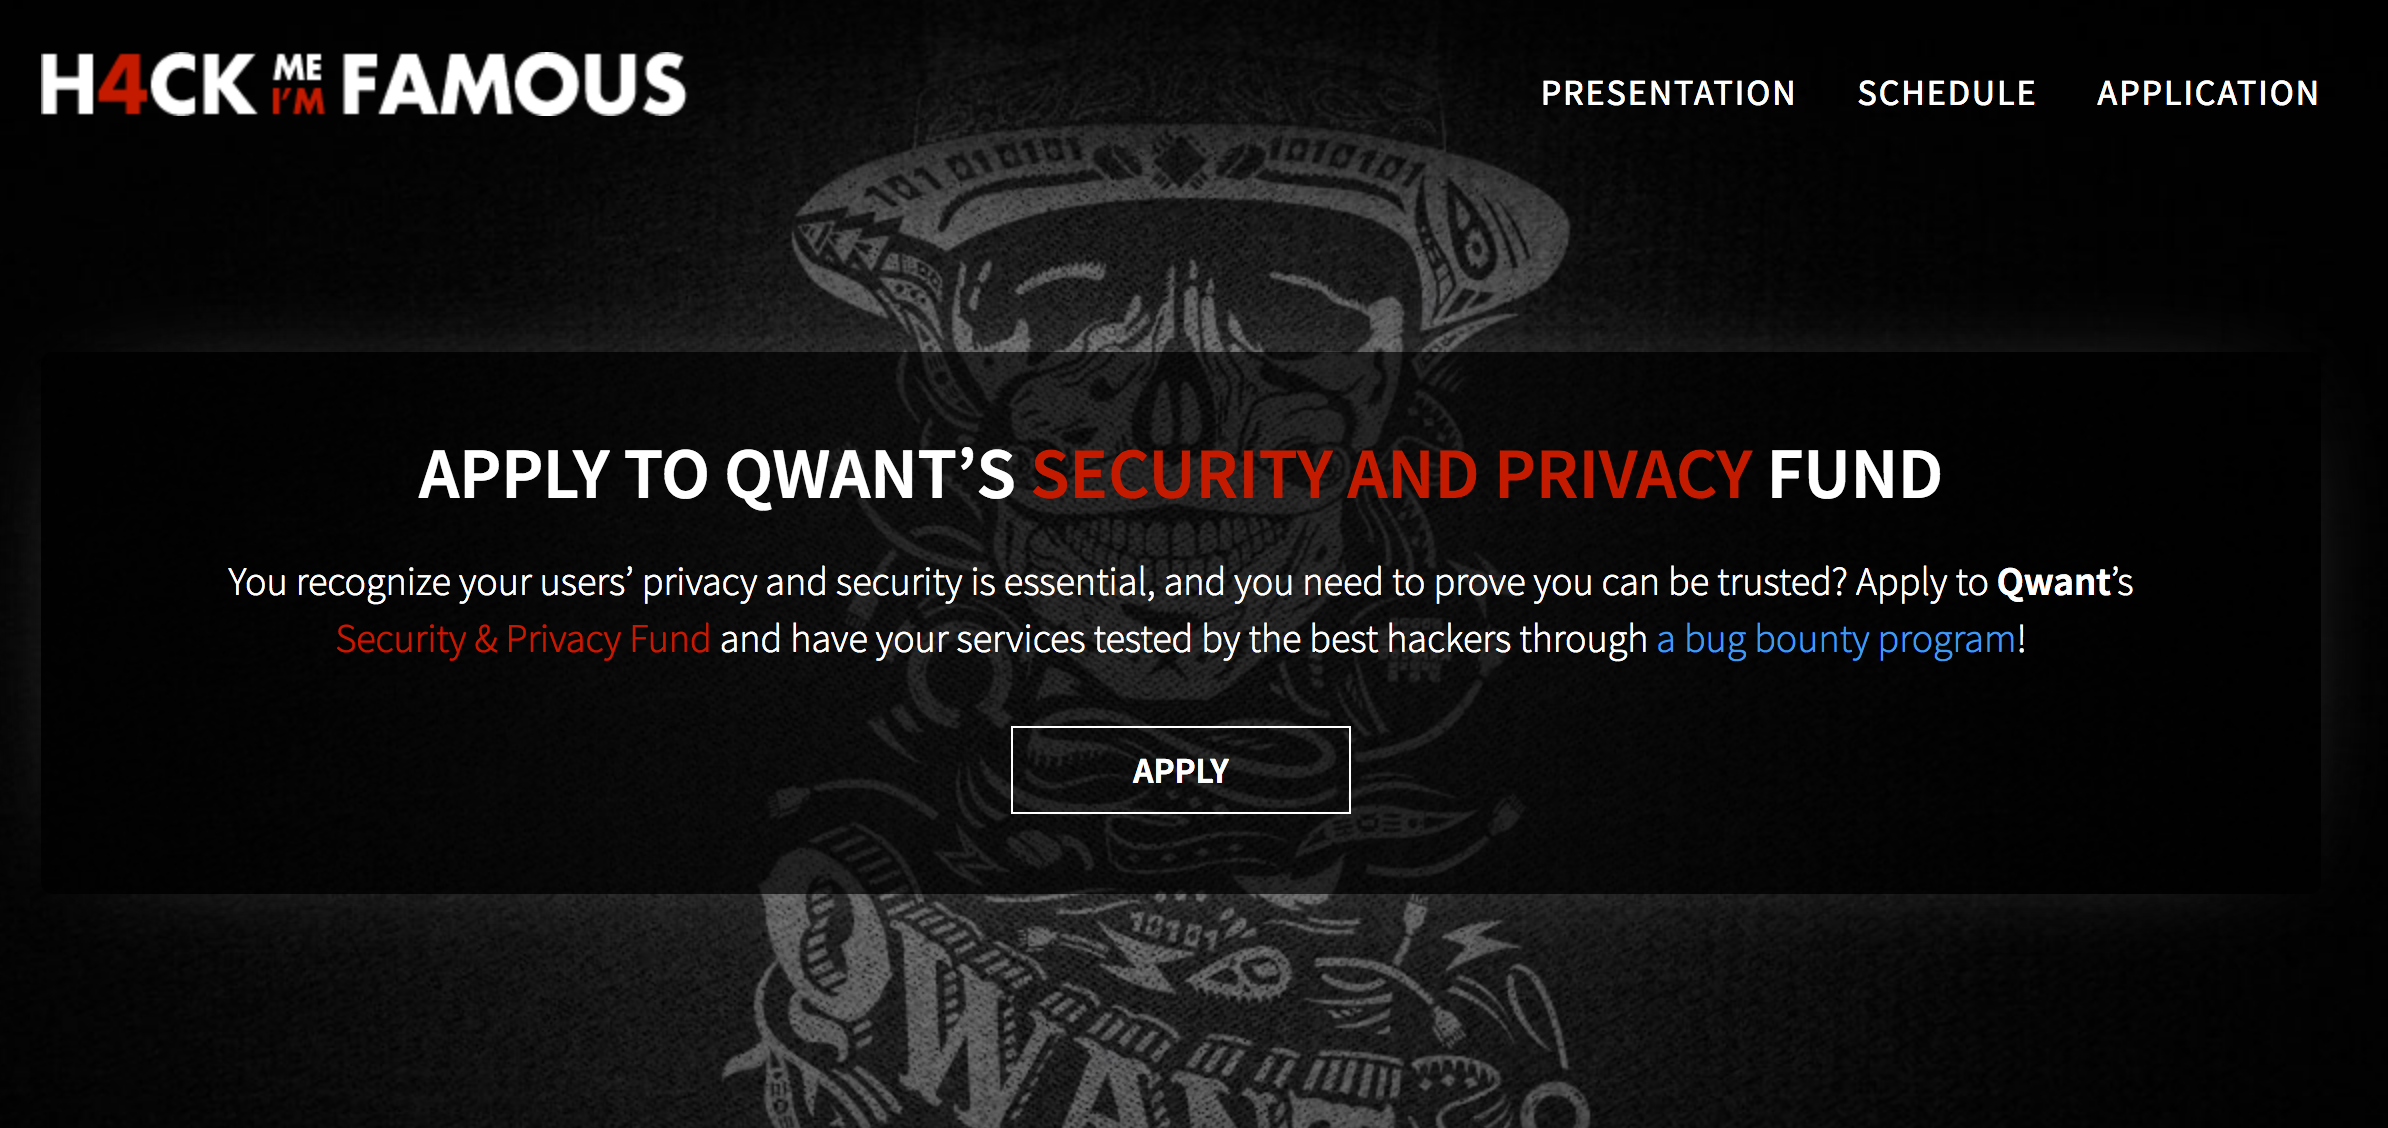 Qwant aide les entreprises qui partagent ses valeurs, à mieux se sécuriser #HackMeImFamous